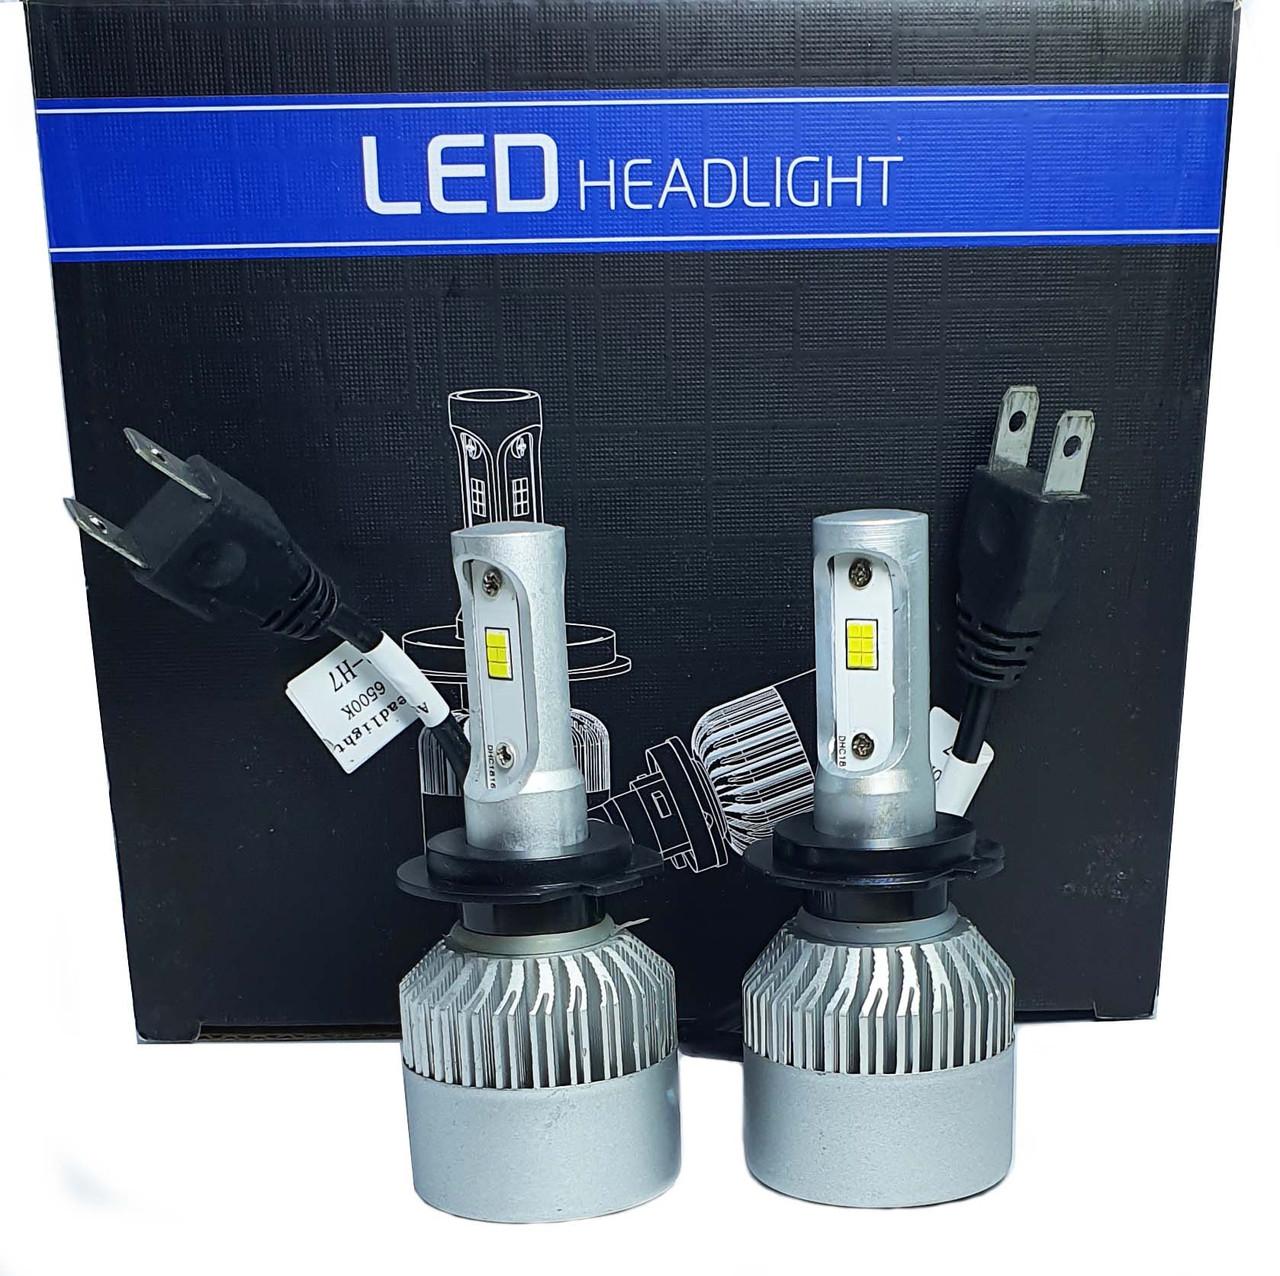 Светодиодная лампа цоколь H7, S2 CSP 6500К, 8000 lm 30W, 9-36В